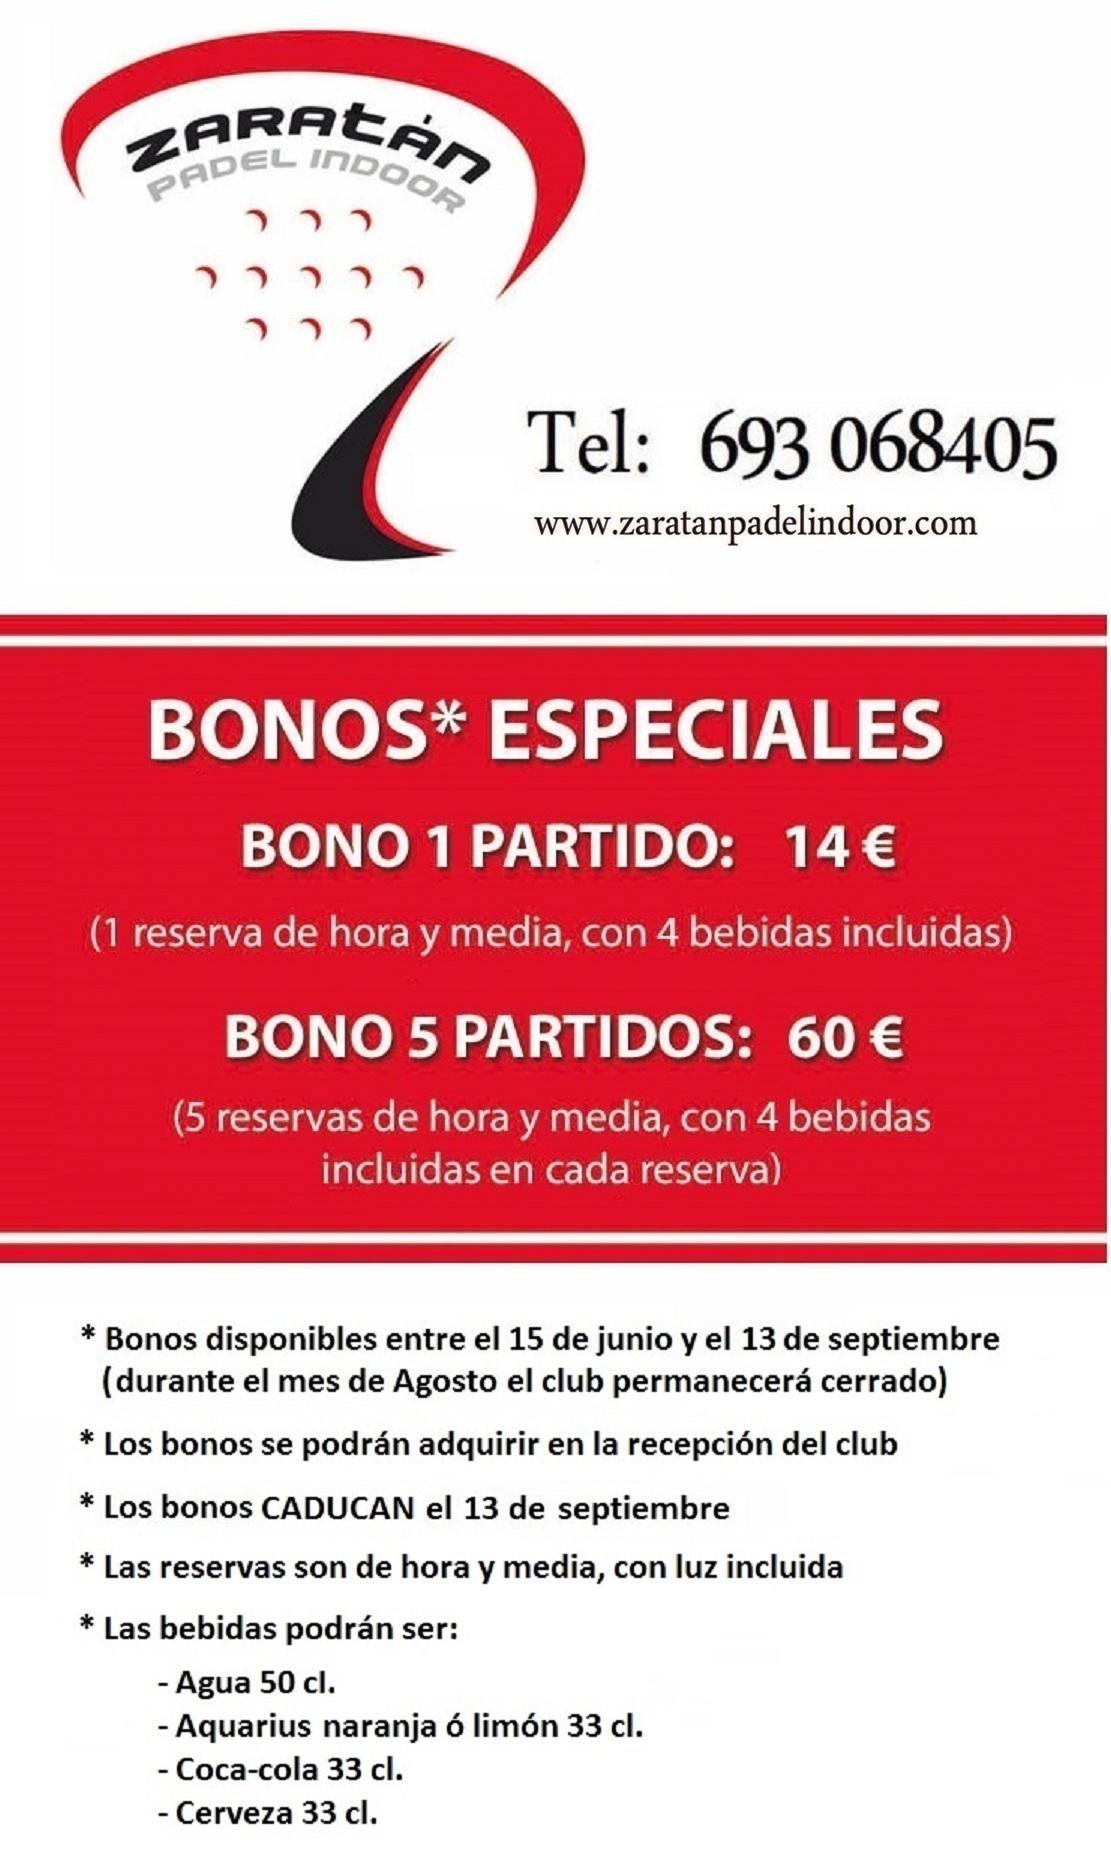 Oferta bonos Verano 2015